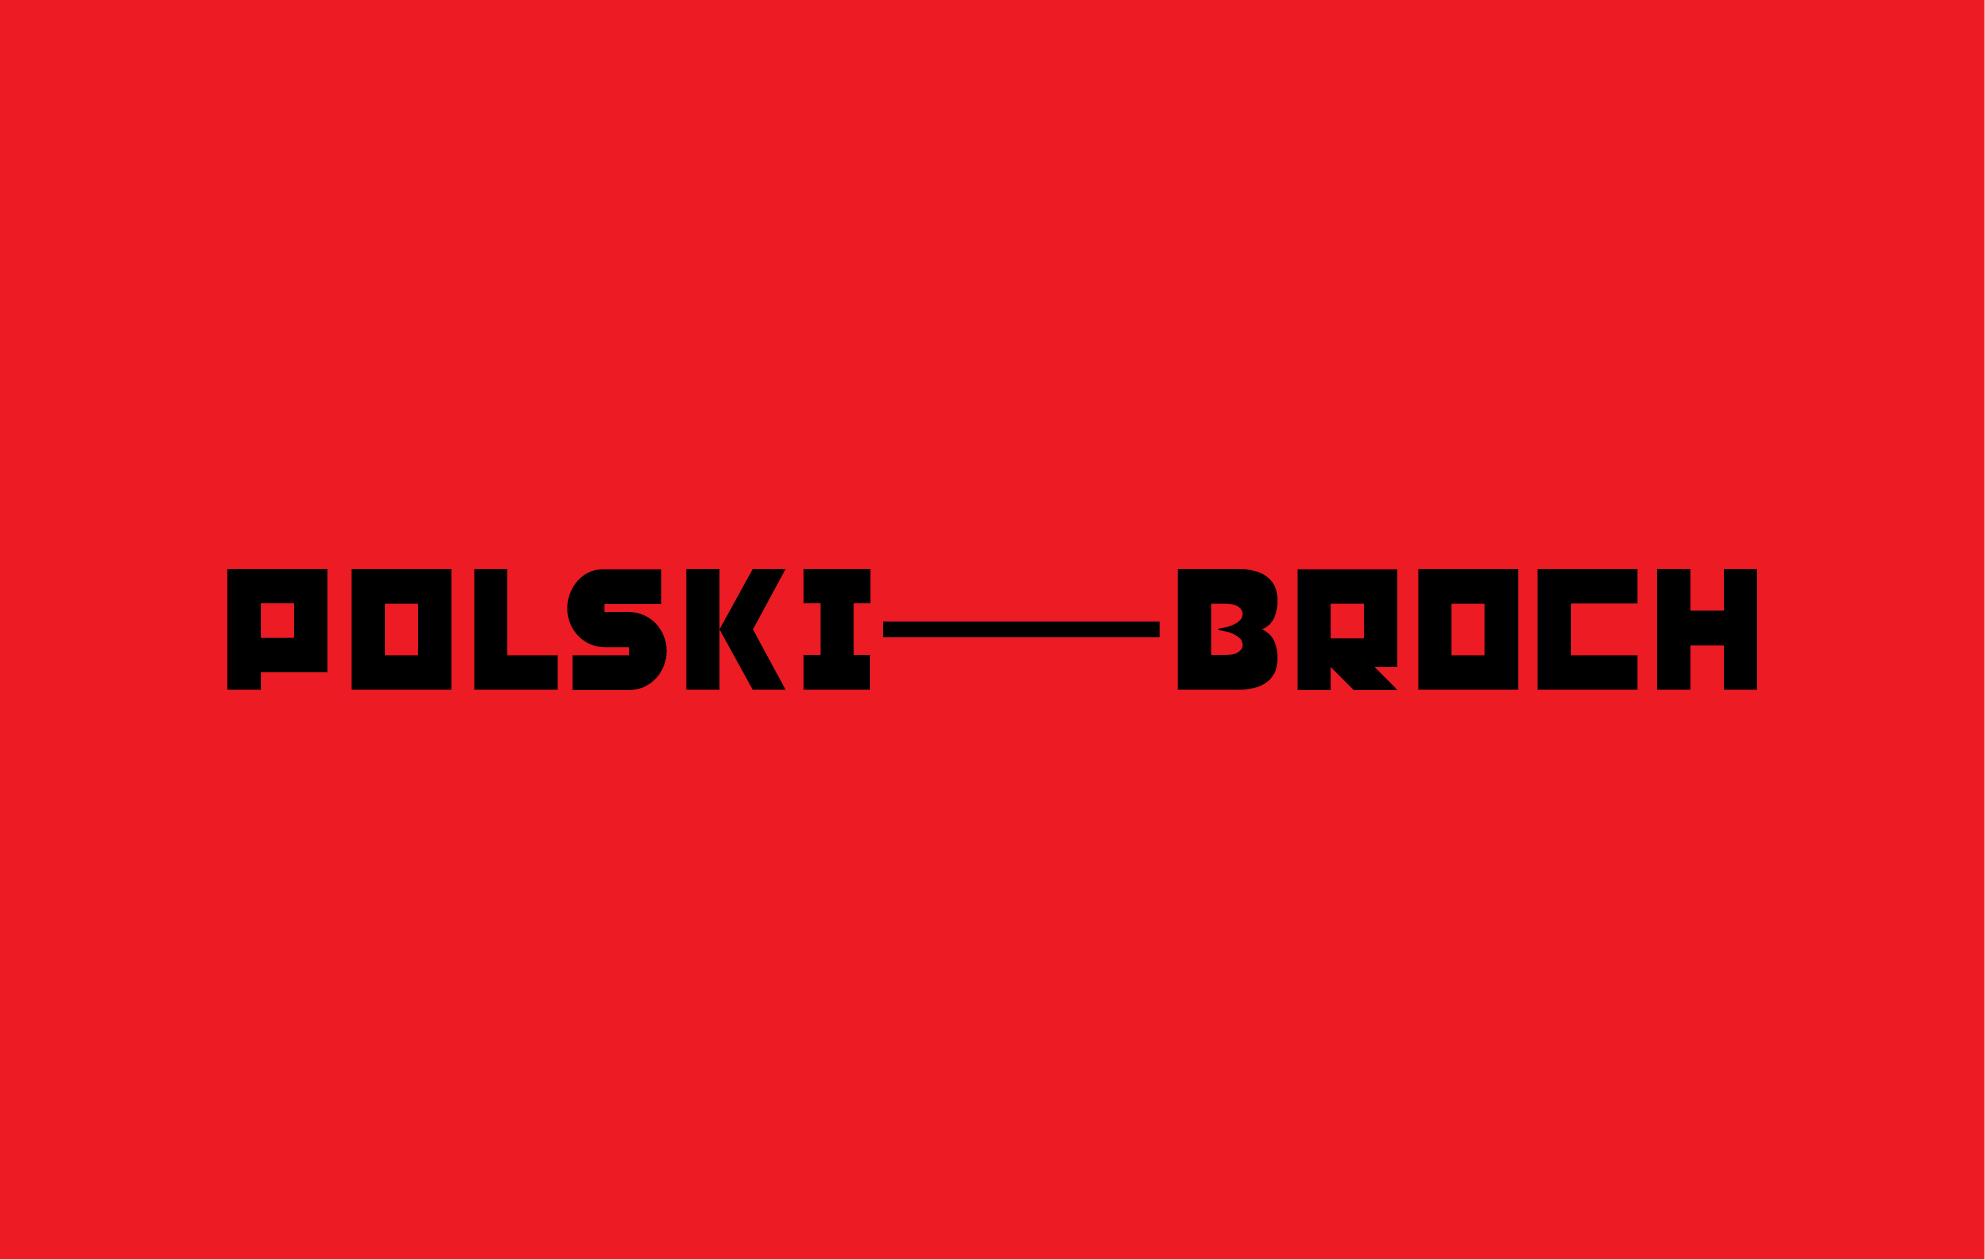 POLSKI BROCH